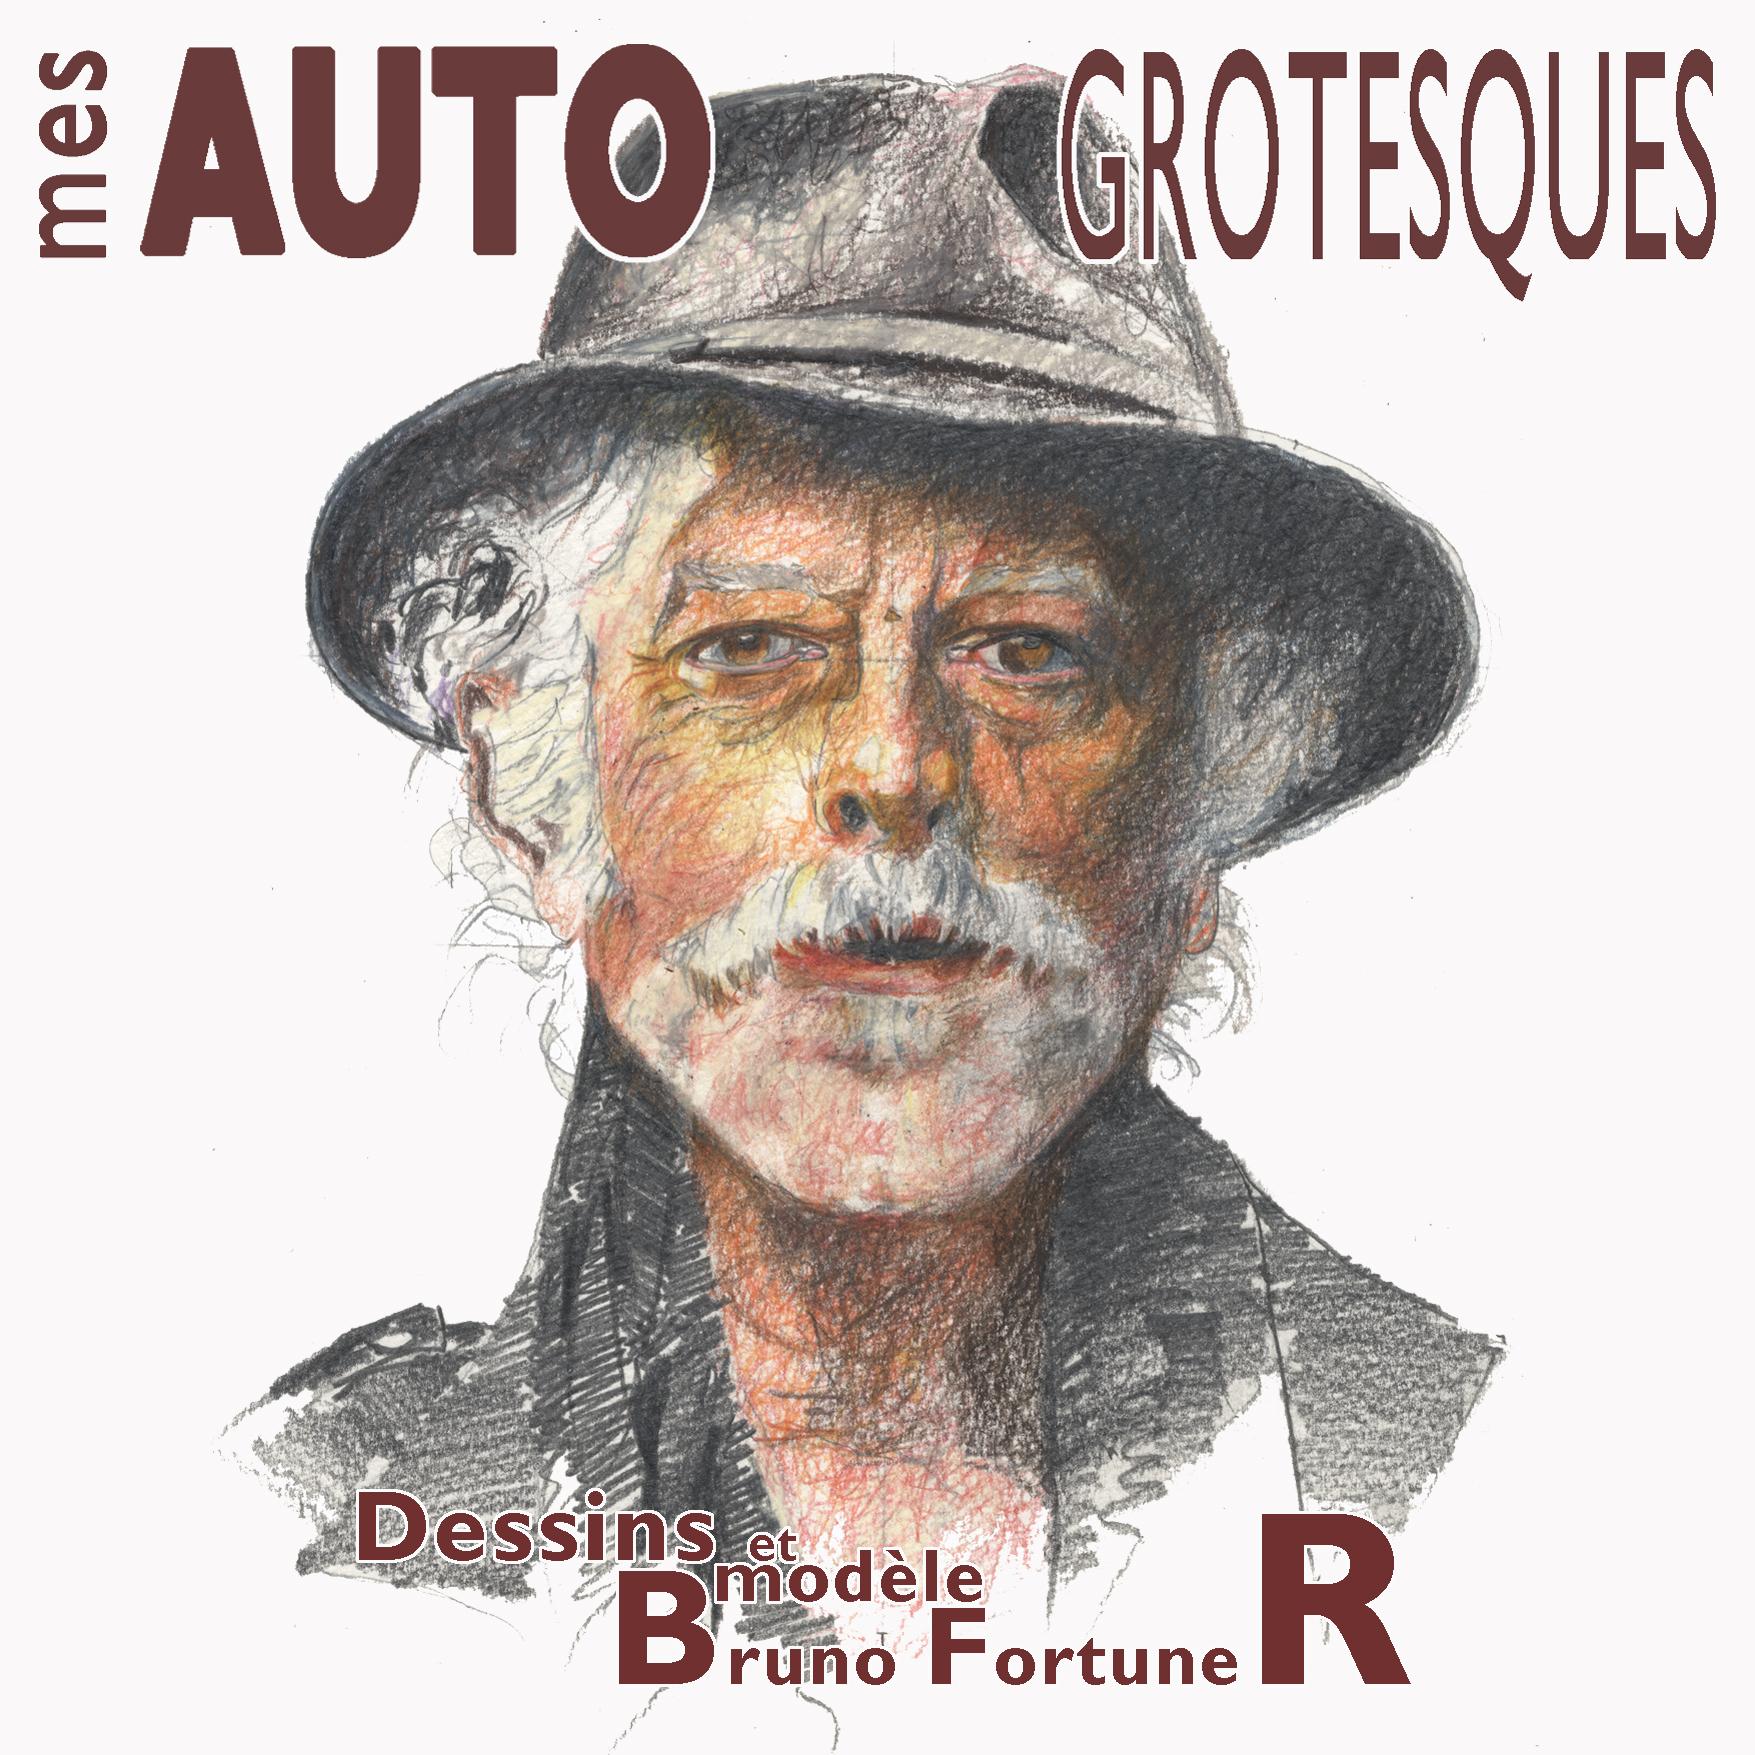 auto_grotesque